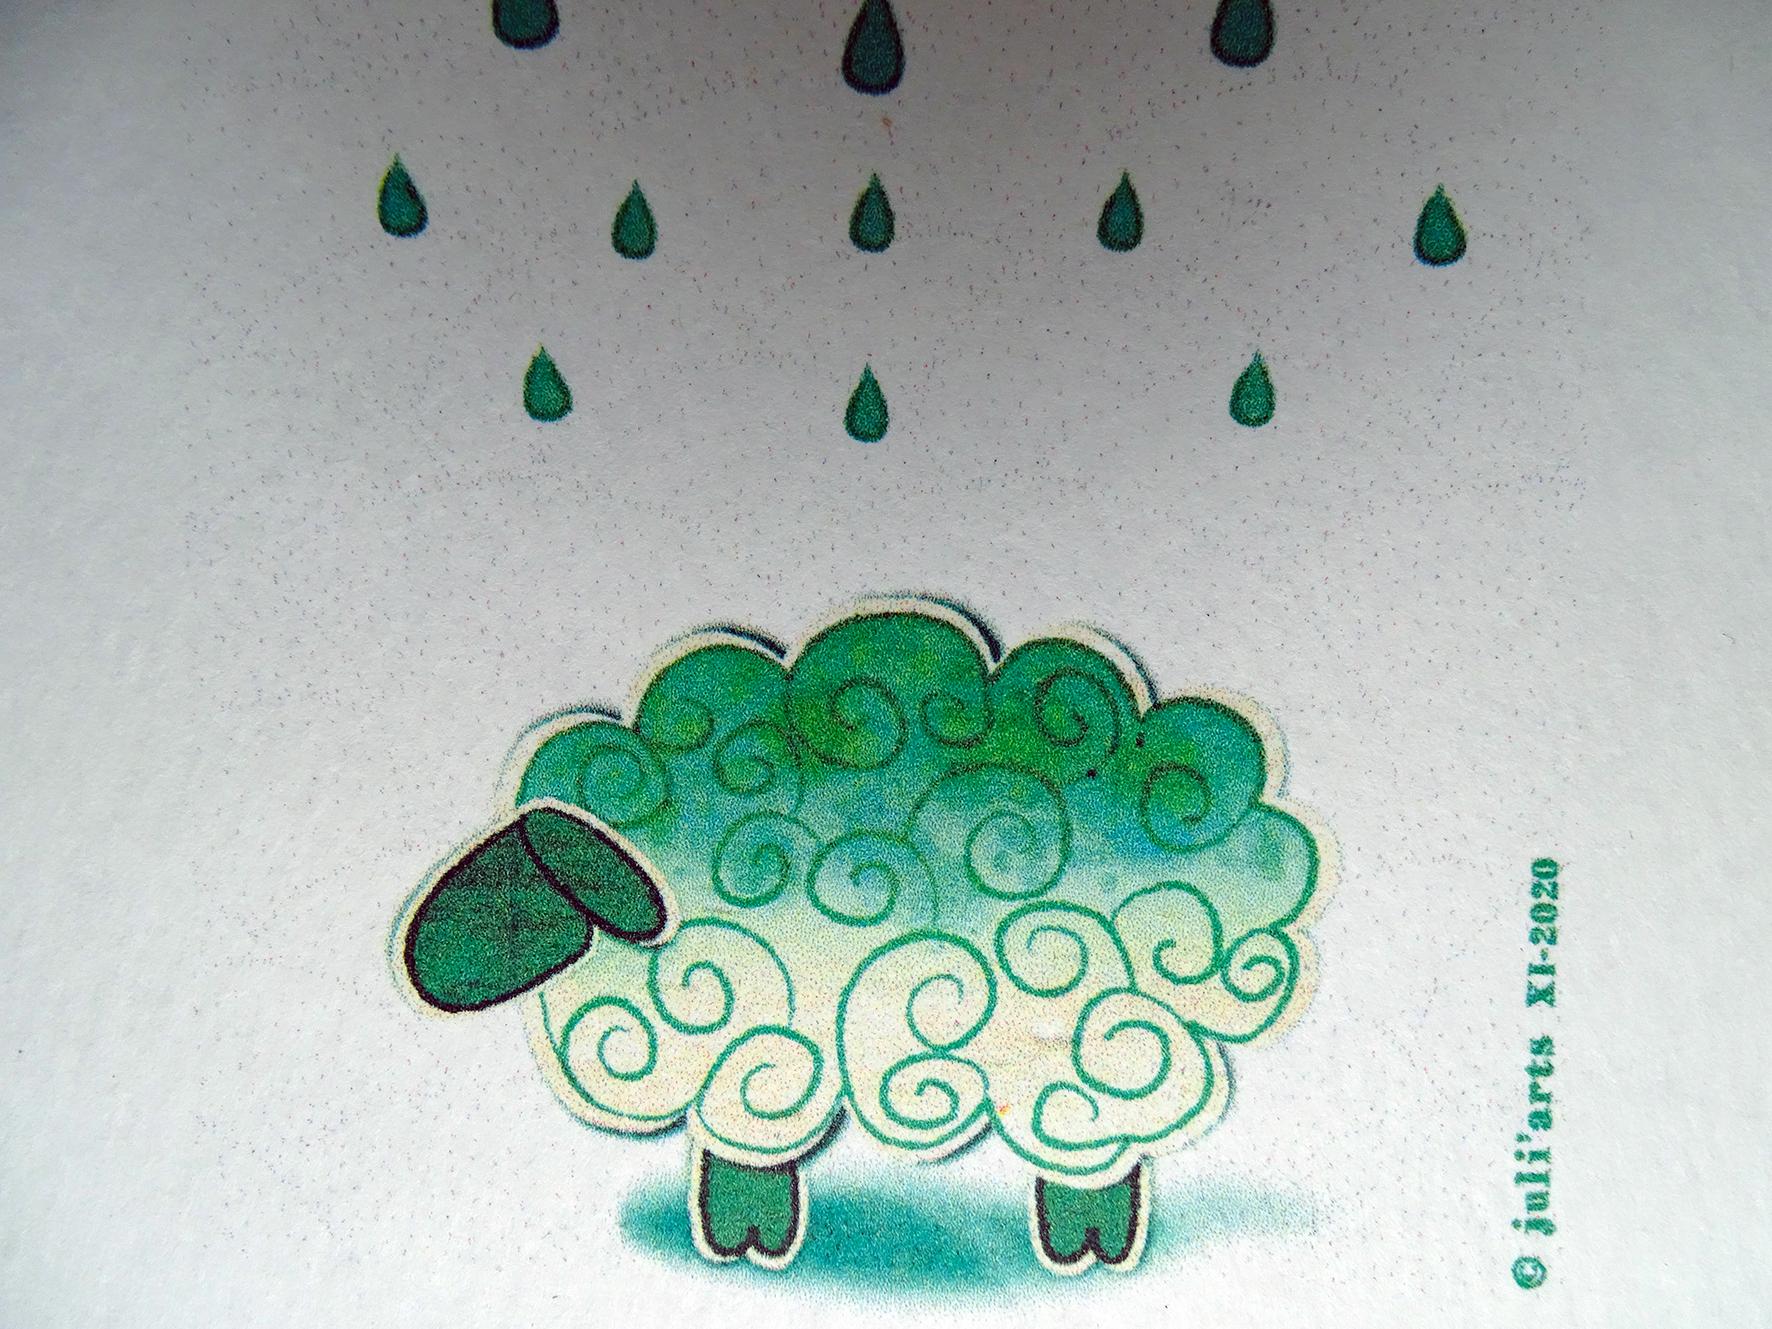 """""""Tye & Dye"""" Mouton / Tirage numérique sur papier aquarelle / 3€ pièce hors fdp / 4 derniers exemplaires!"""